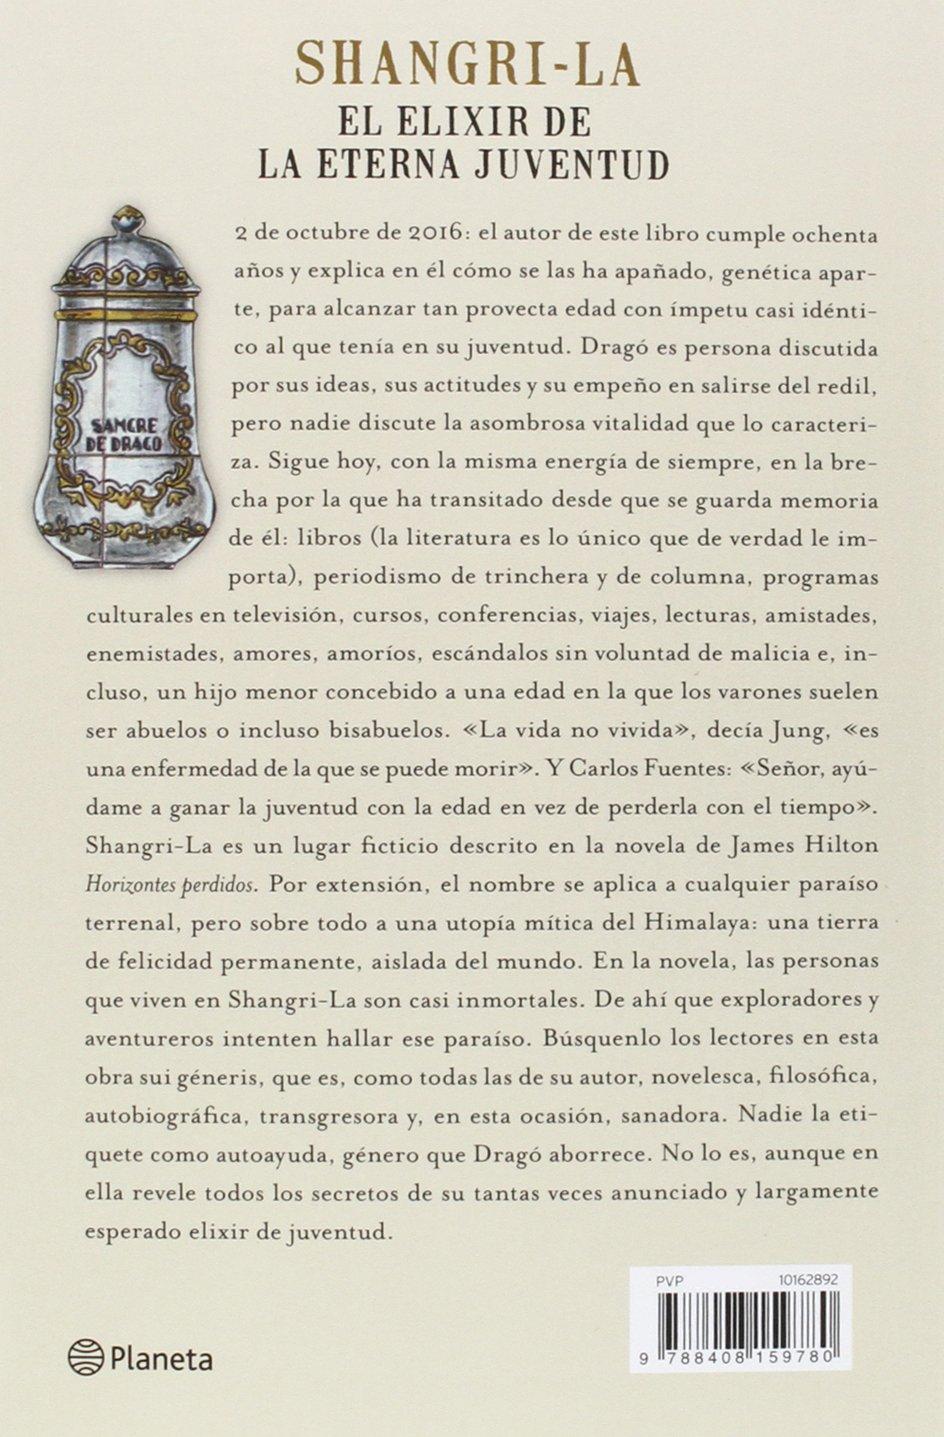 Shangri La El Elixir De La Eterna Juventud No Ficción Amazon Es Sánchez Dragó Fernando Libros